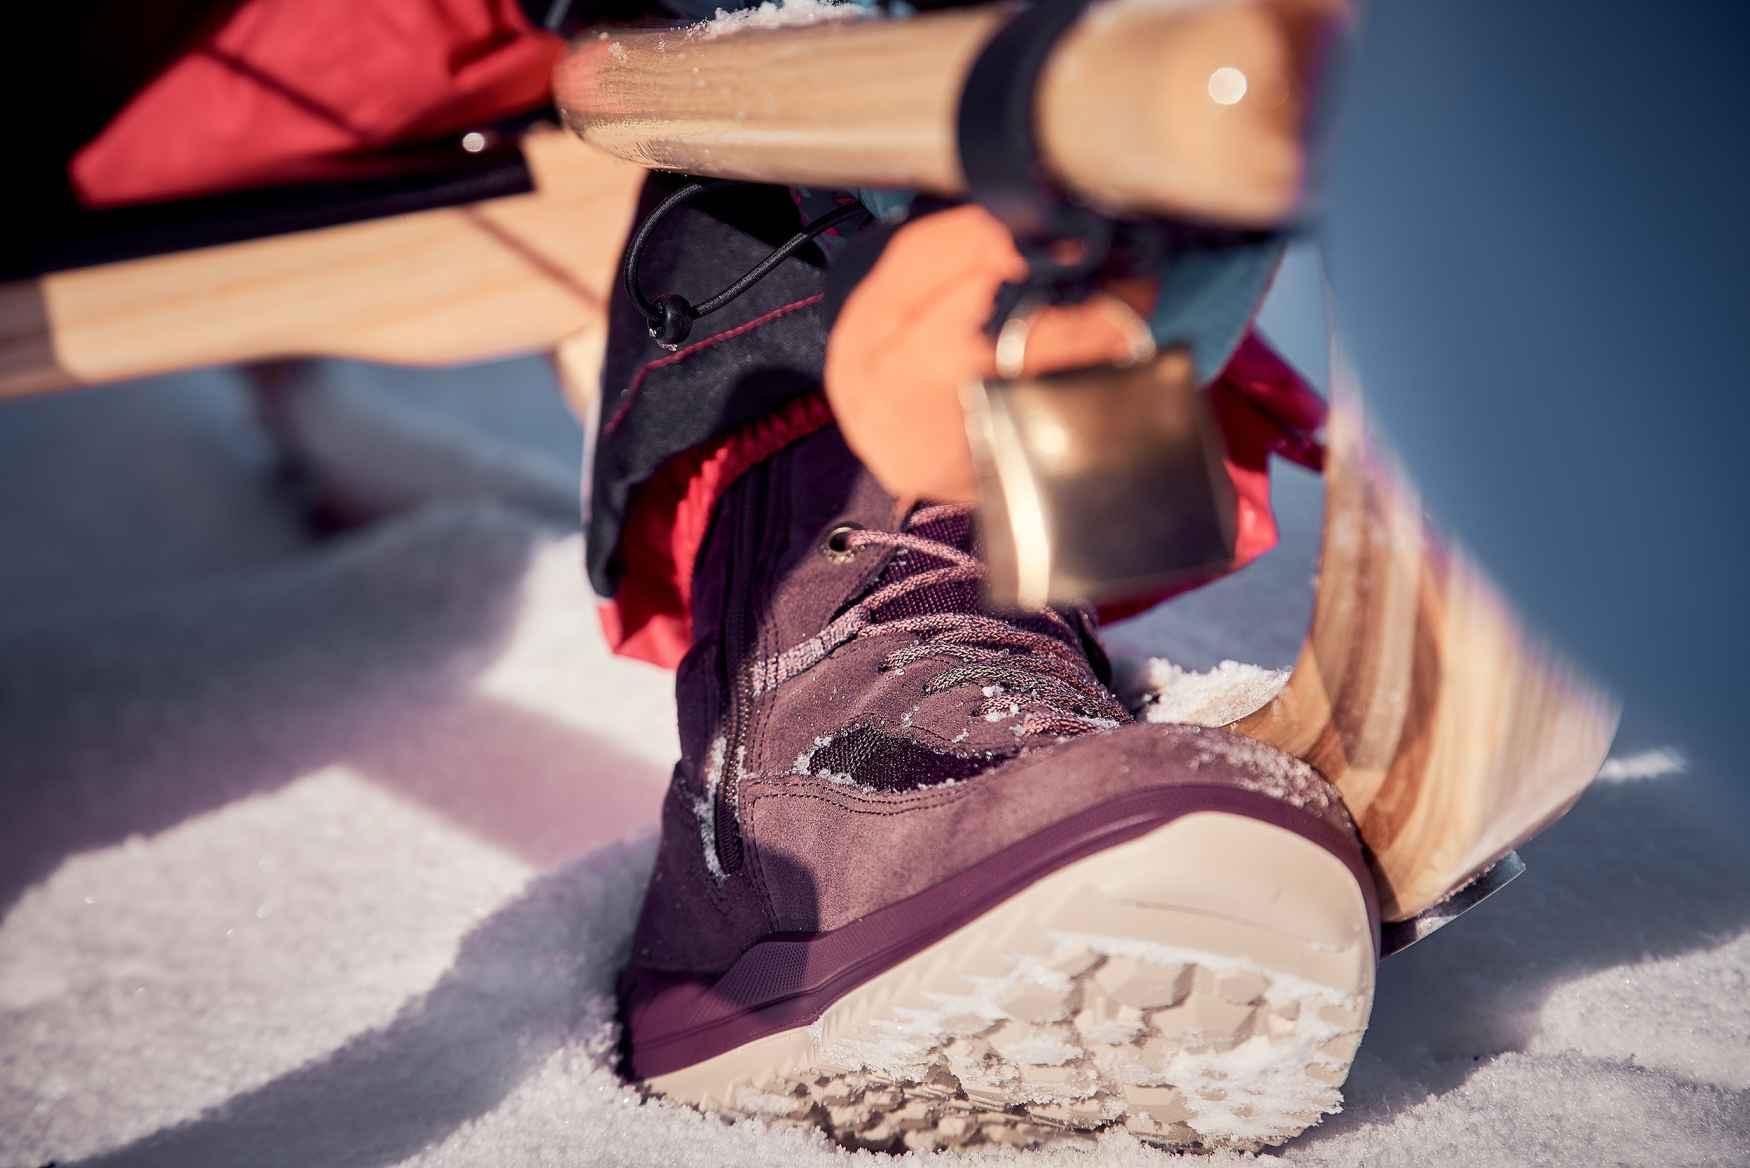 Hoera voor de warme GORE-TEX Partelana-voering en de praktische veterogen van de winterschoen EMMA GTX. Juist deze maken het kleine maar subtiele verschil in de sneeuw. Toch is aantrekken kinderspel dankzij de rits aan de zijkant, terwijl de functionele materiaalmix voor optimaal draagcomfort zorgt.